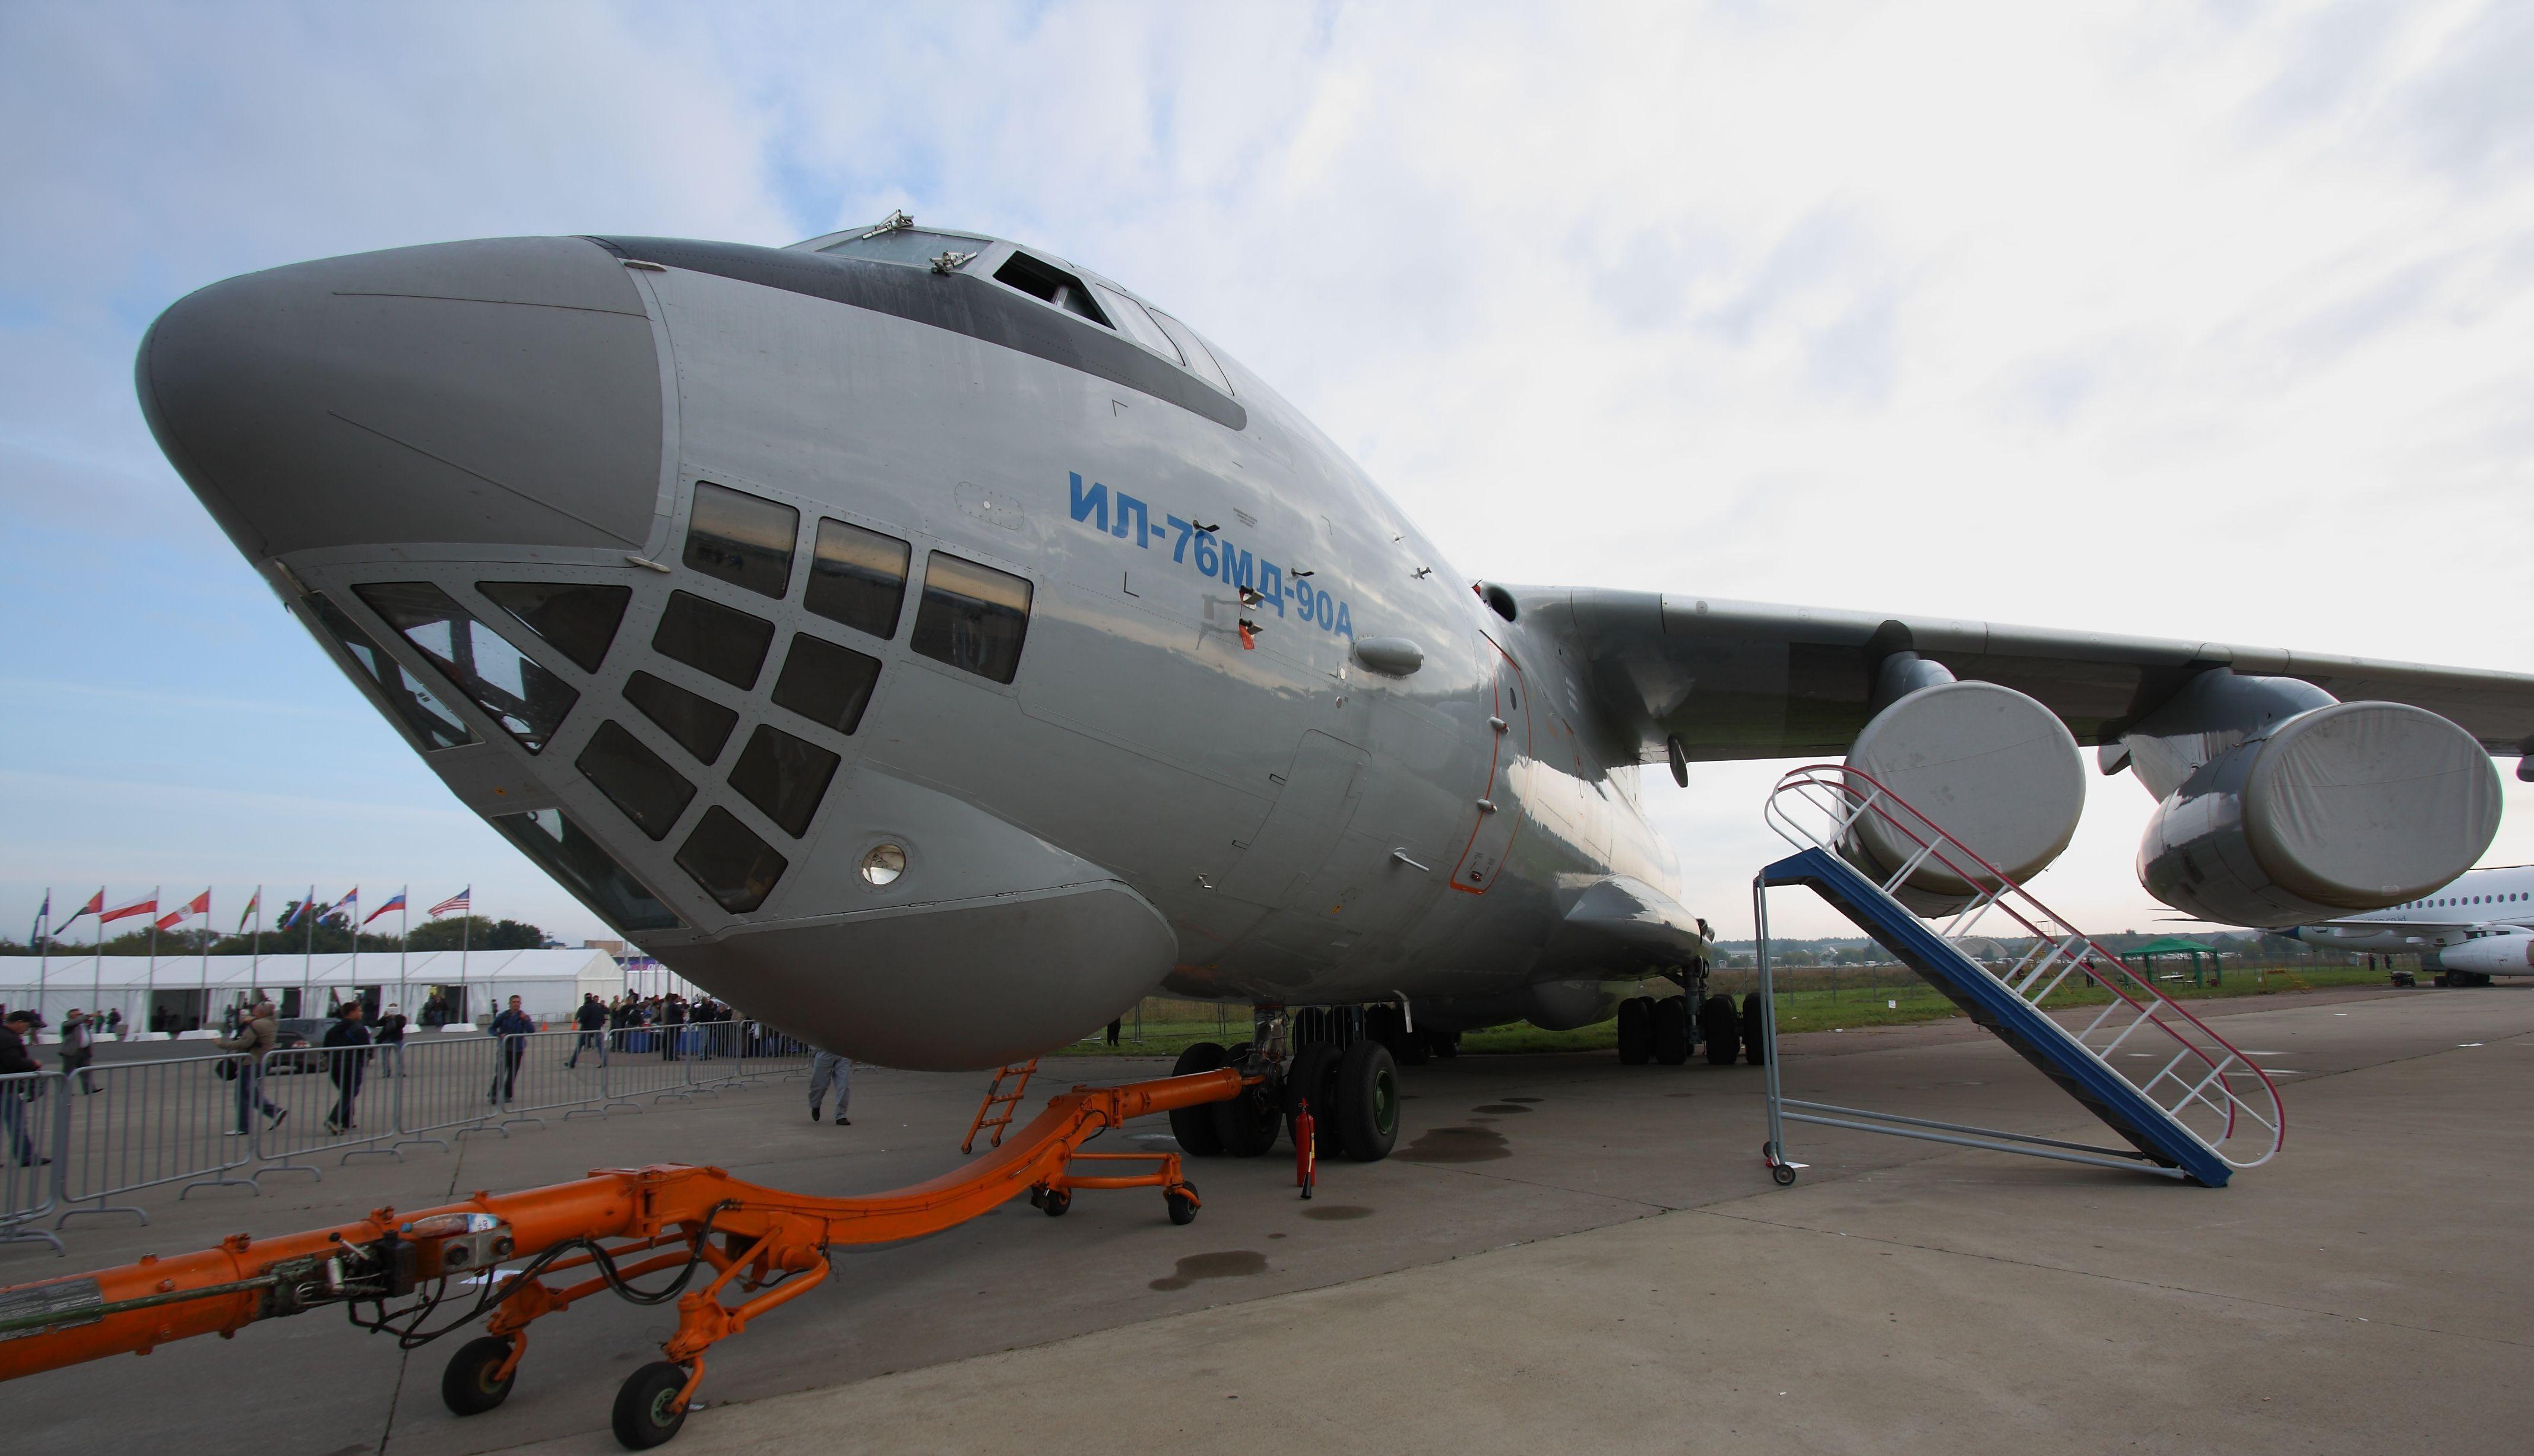 Минобороны получит восемь новых самолетов